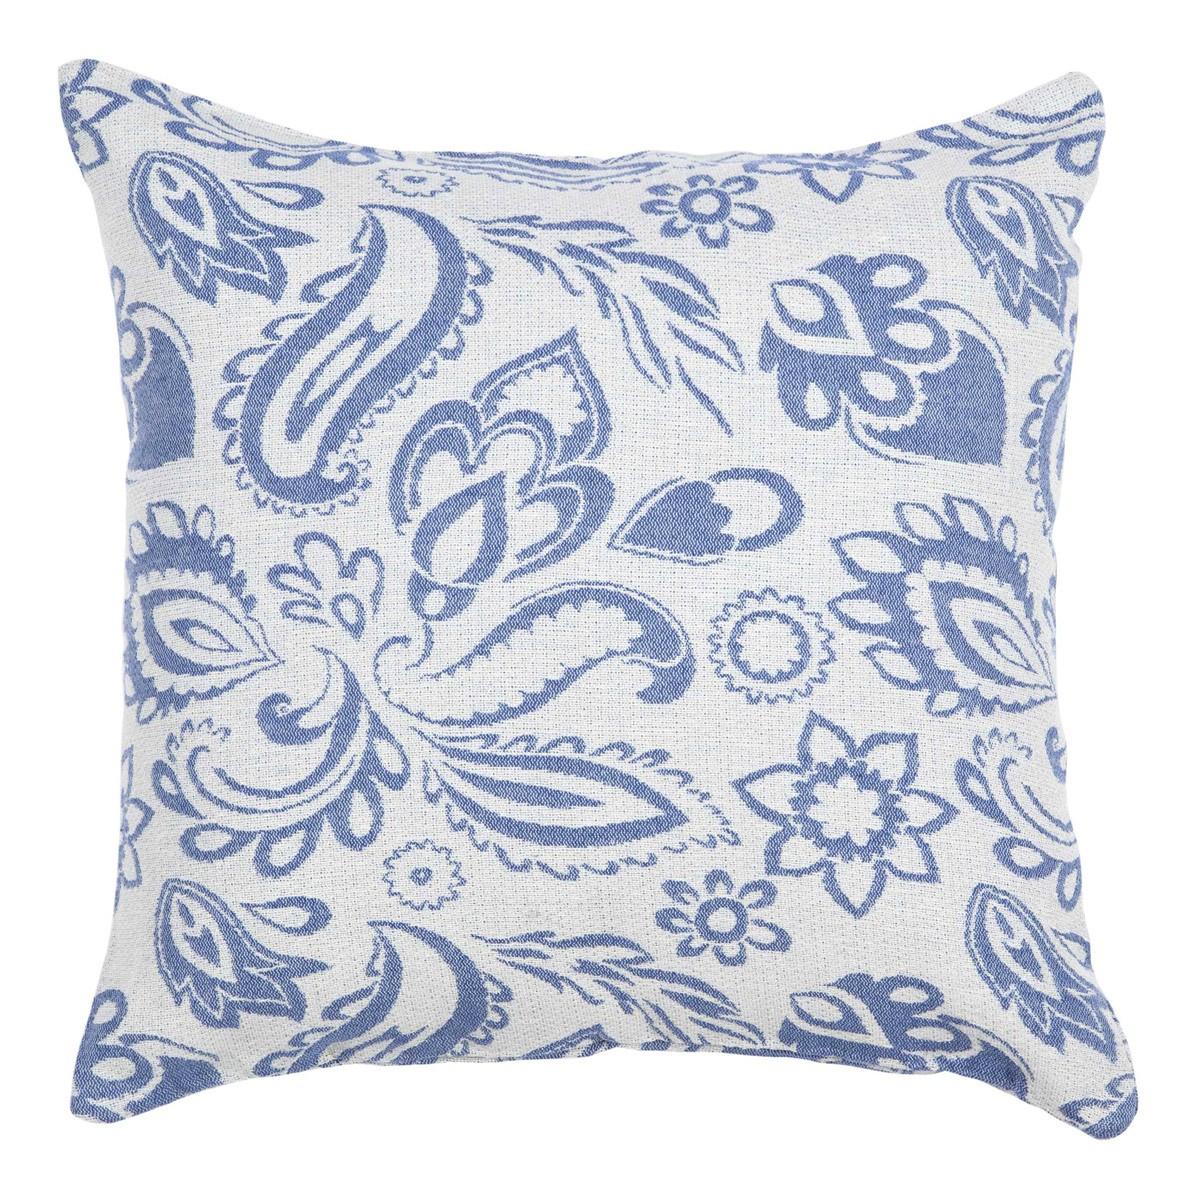 Διακοσμητική Μαξιλαροθήκη Nima Cushions Delhi Blue